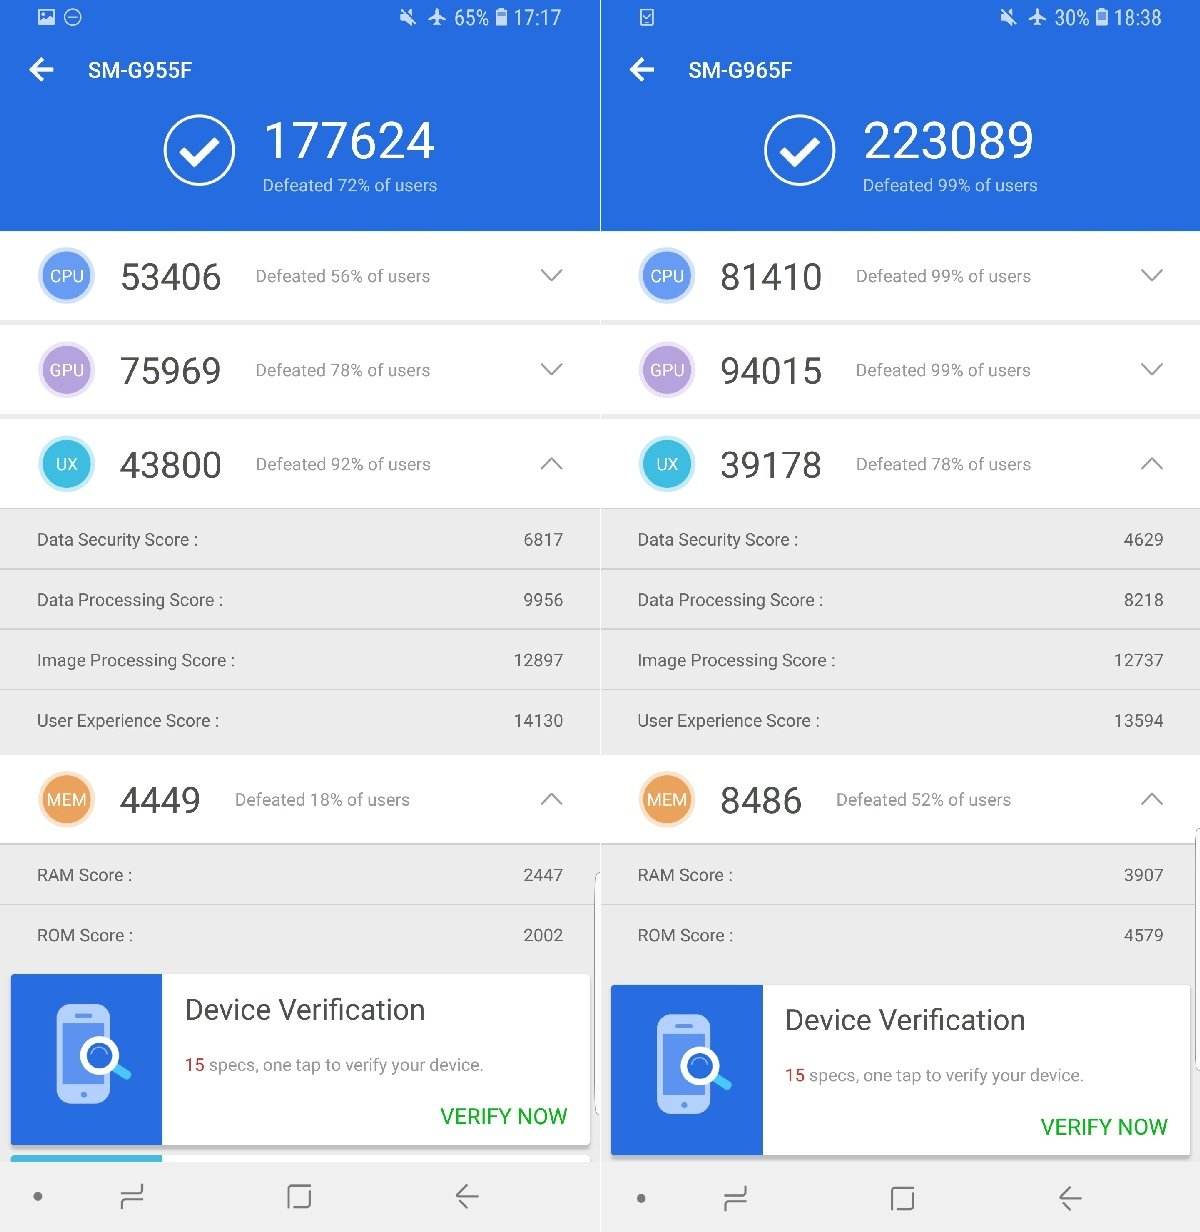 Benchmark score comparison: Samsung Galaxy S8+ vs Galaxy S9+